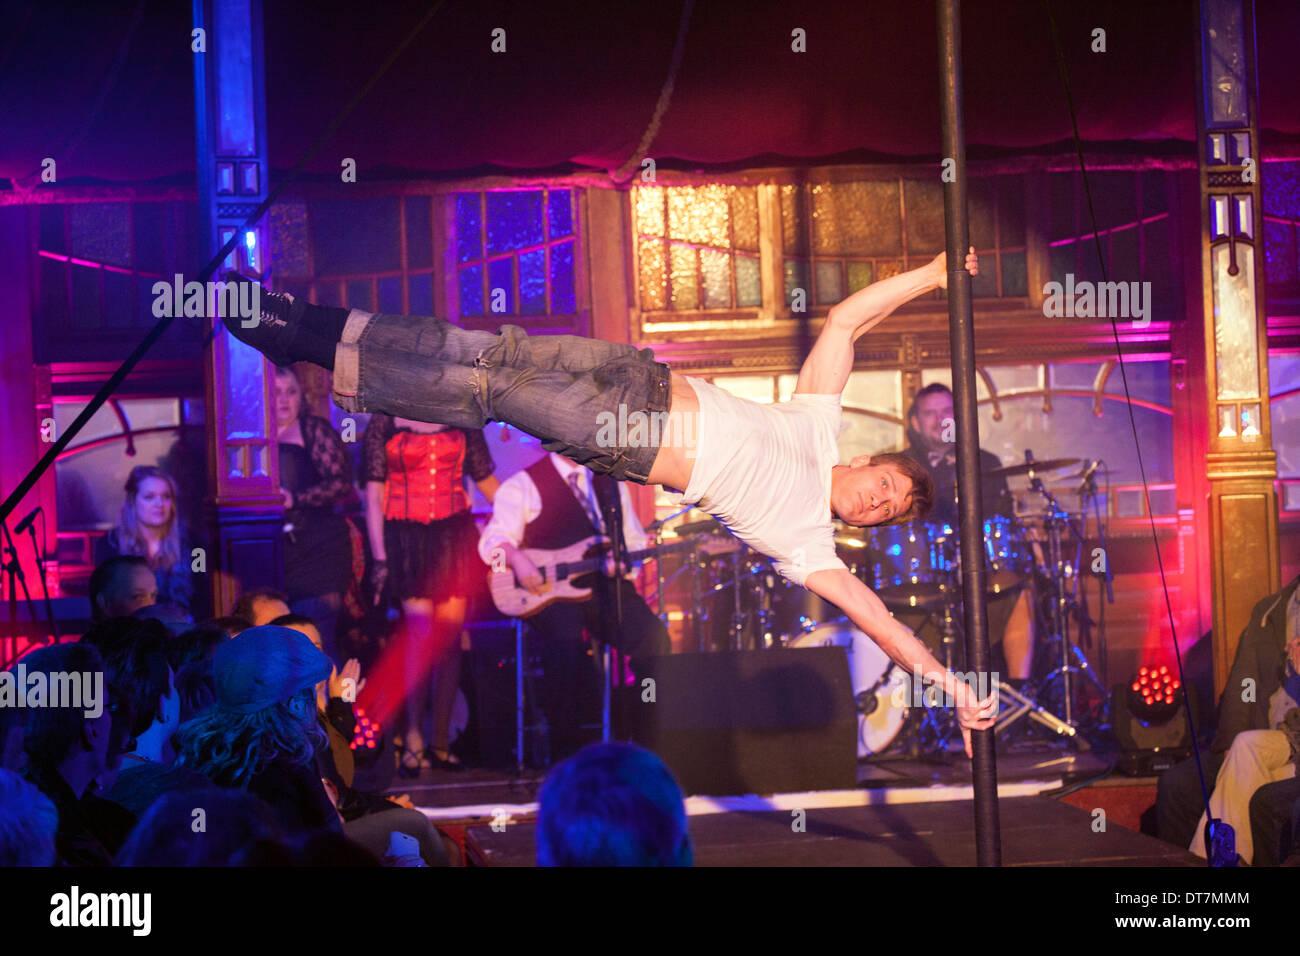 Big Burns Supper 2014, Dumfries, le haggis, Jed Muir Cabaret pole dancing. L'équilibre du haut du corps solide acrobat Photo Stock